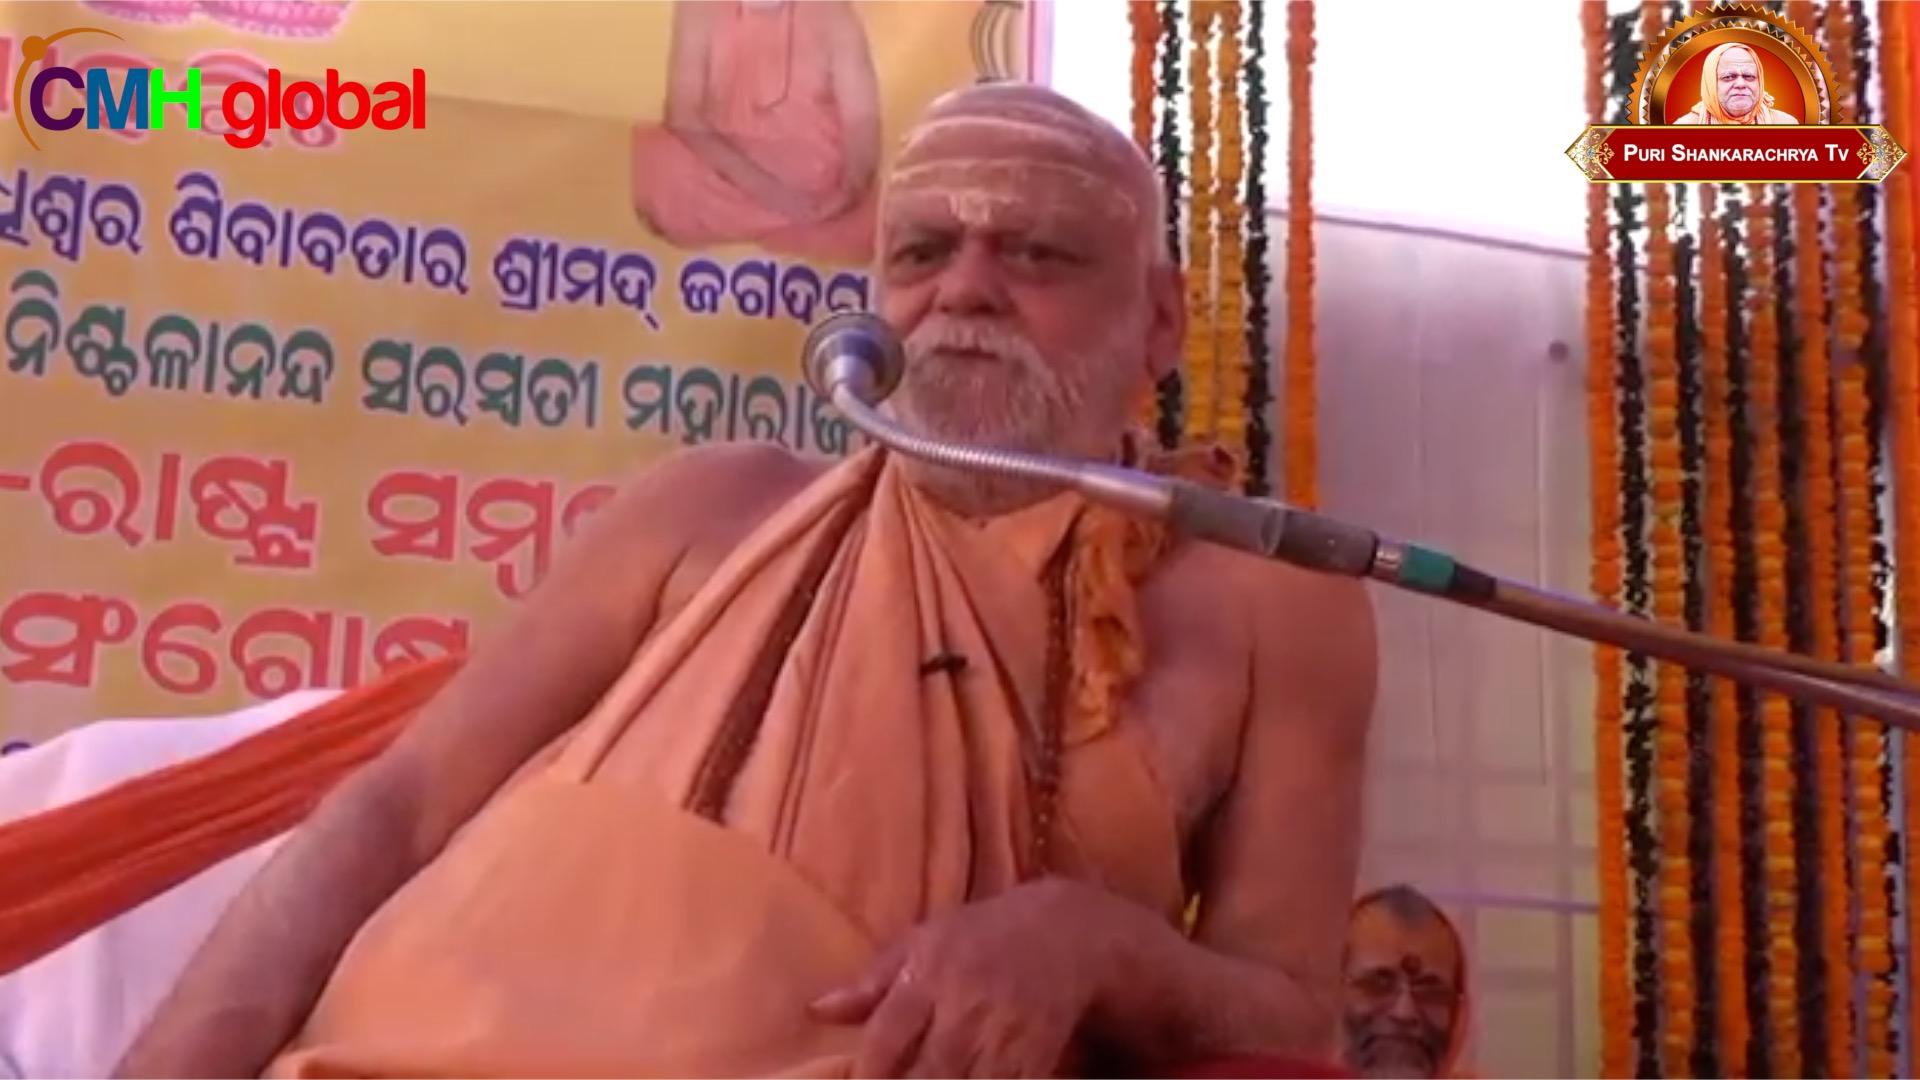 Pravachan Ep -05 by Puri Shankaracharya Swami Nishchalananda Saraswati Ji